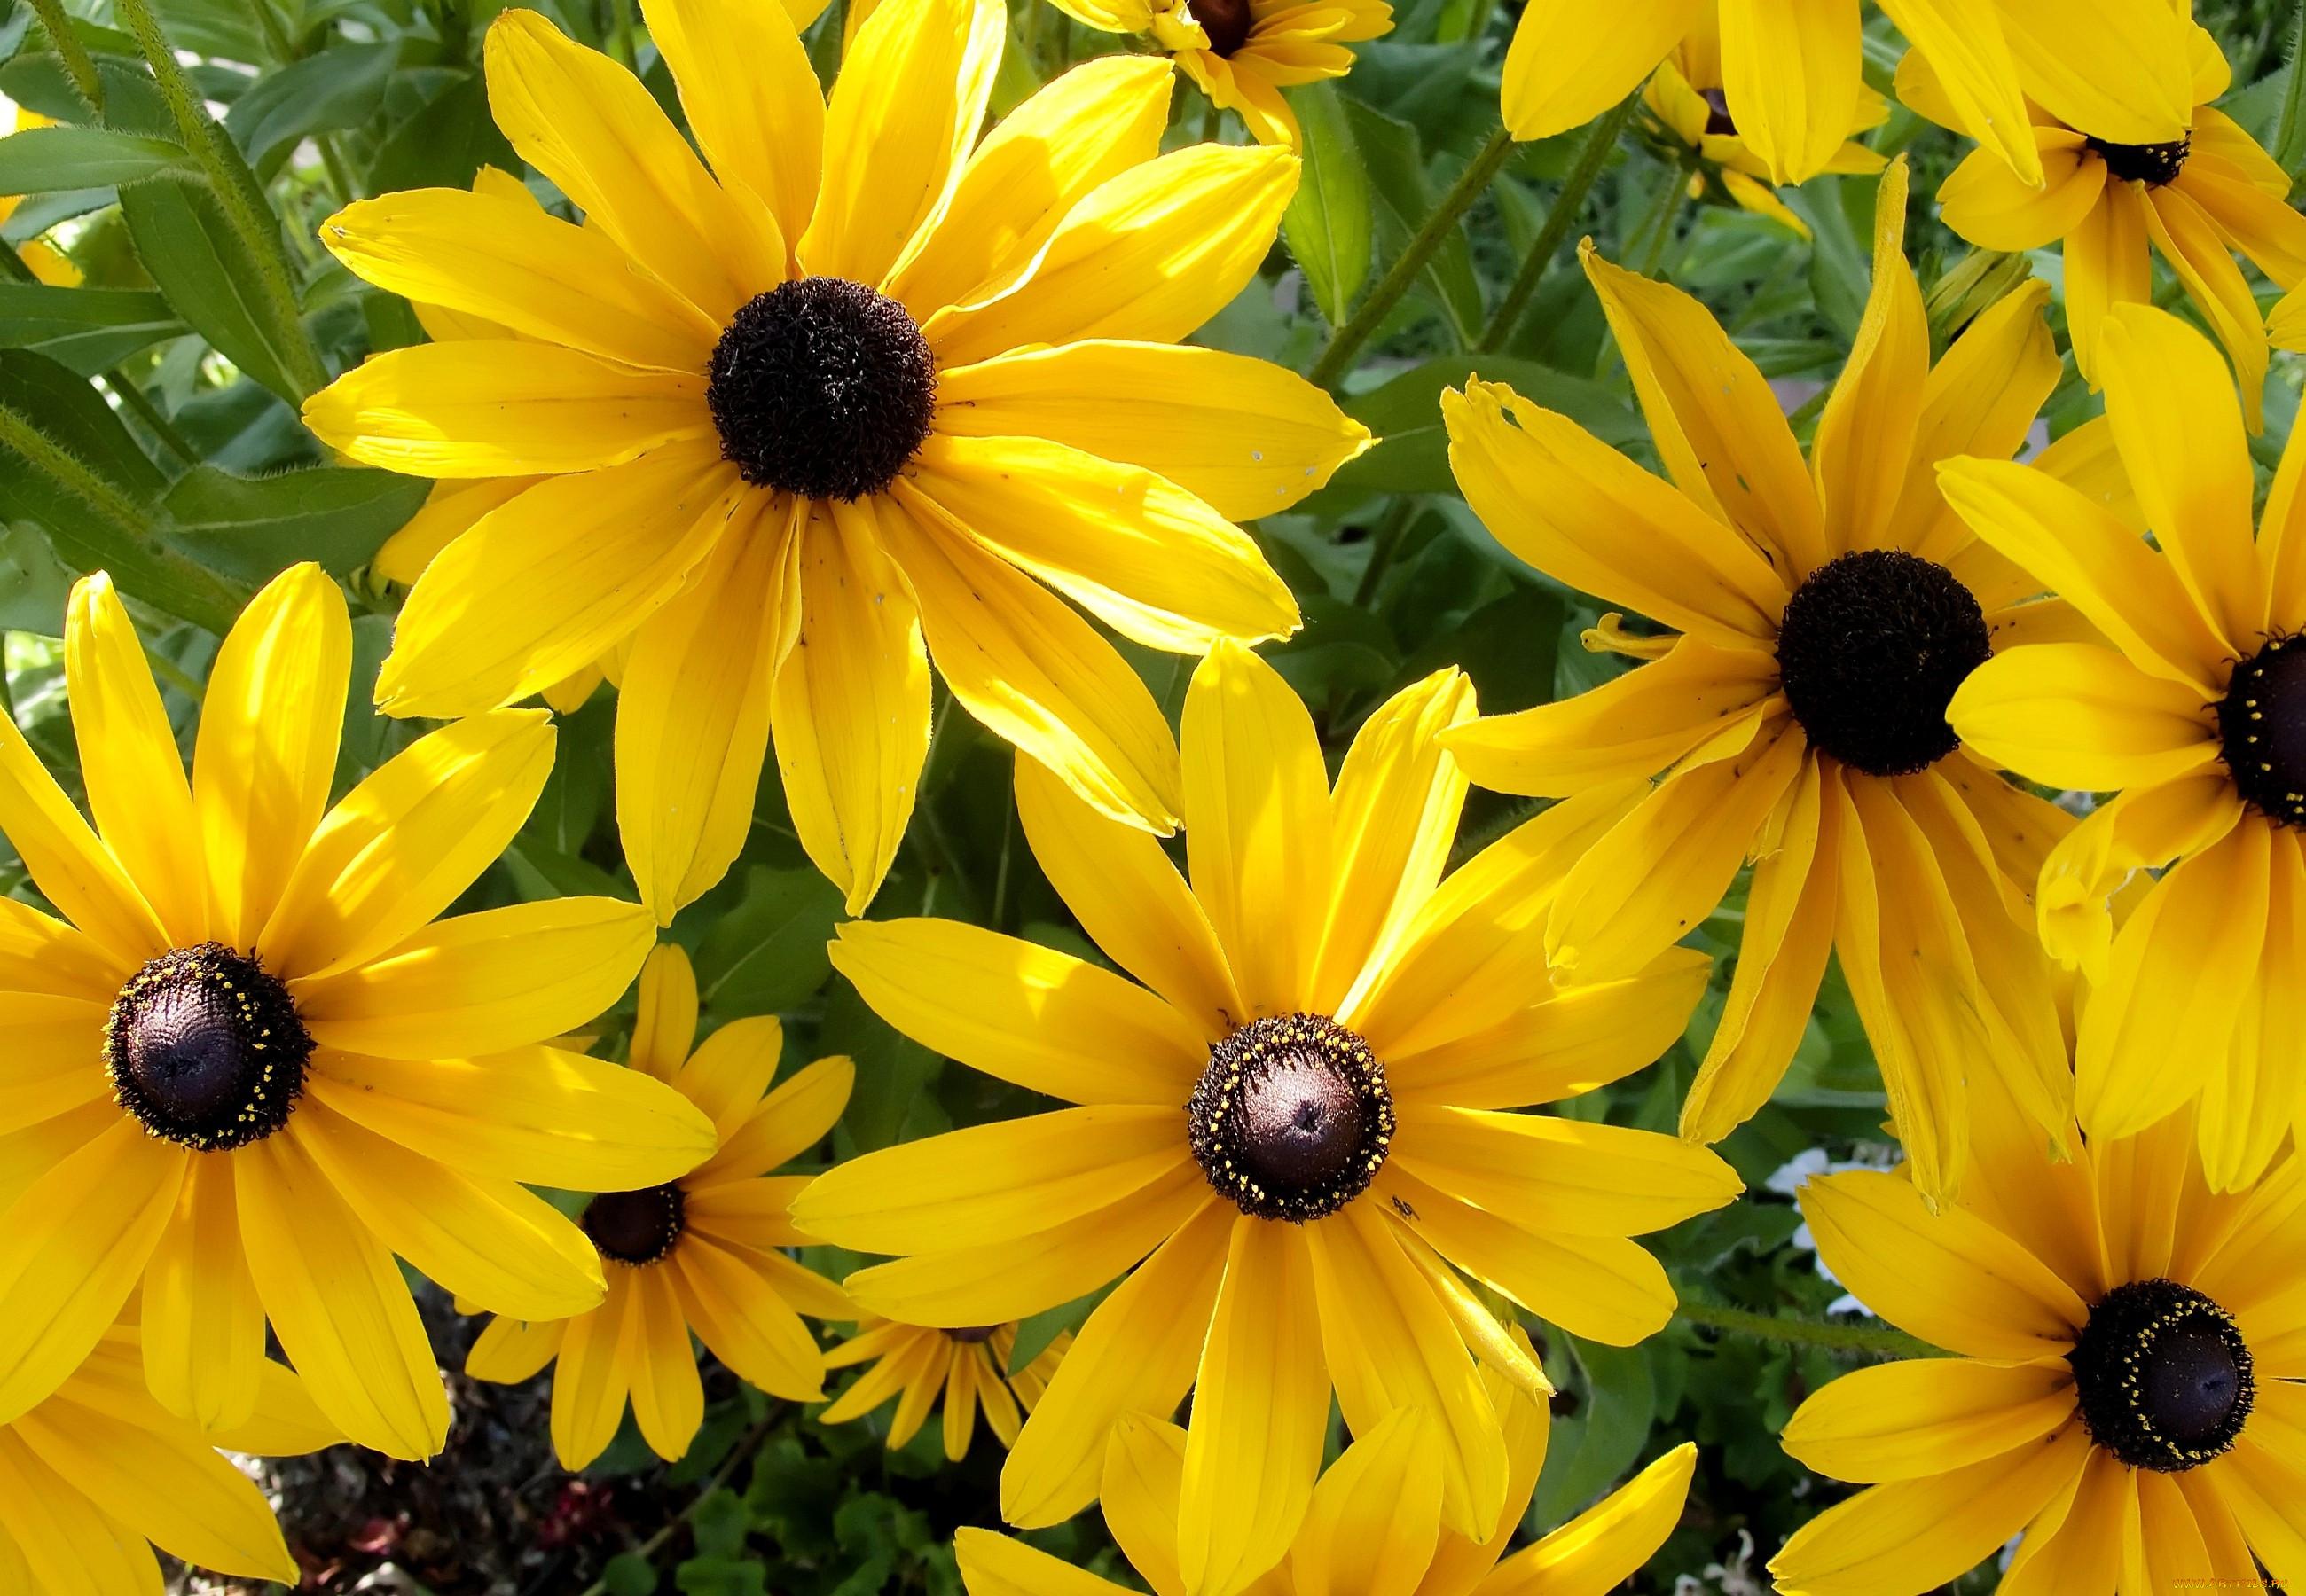 того как желтые садовые цветы картинки кабачков